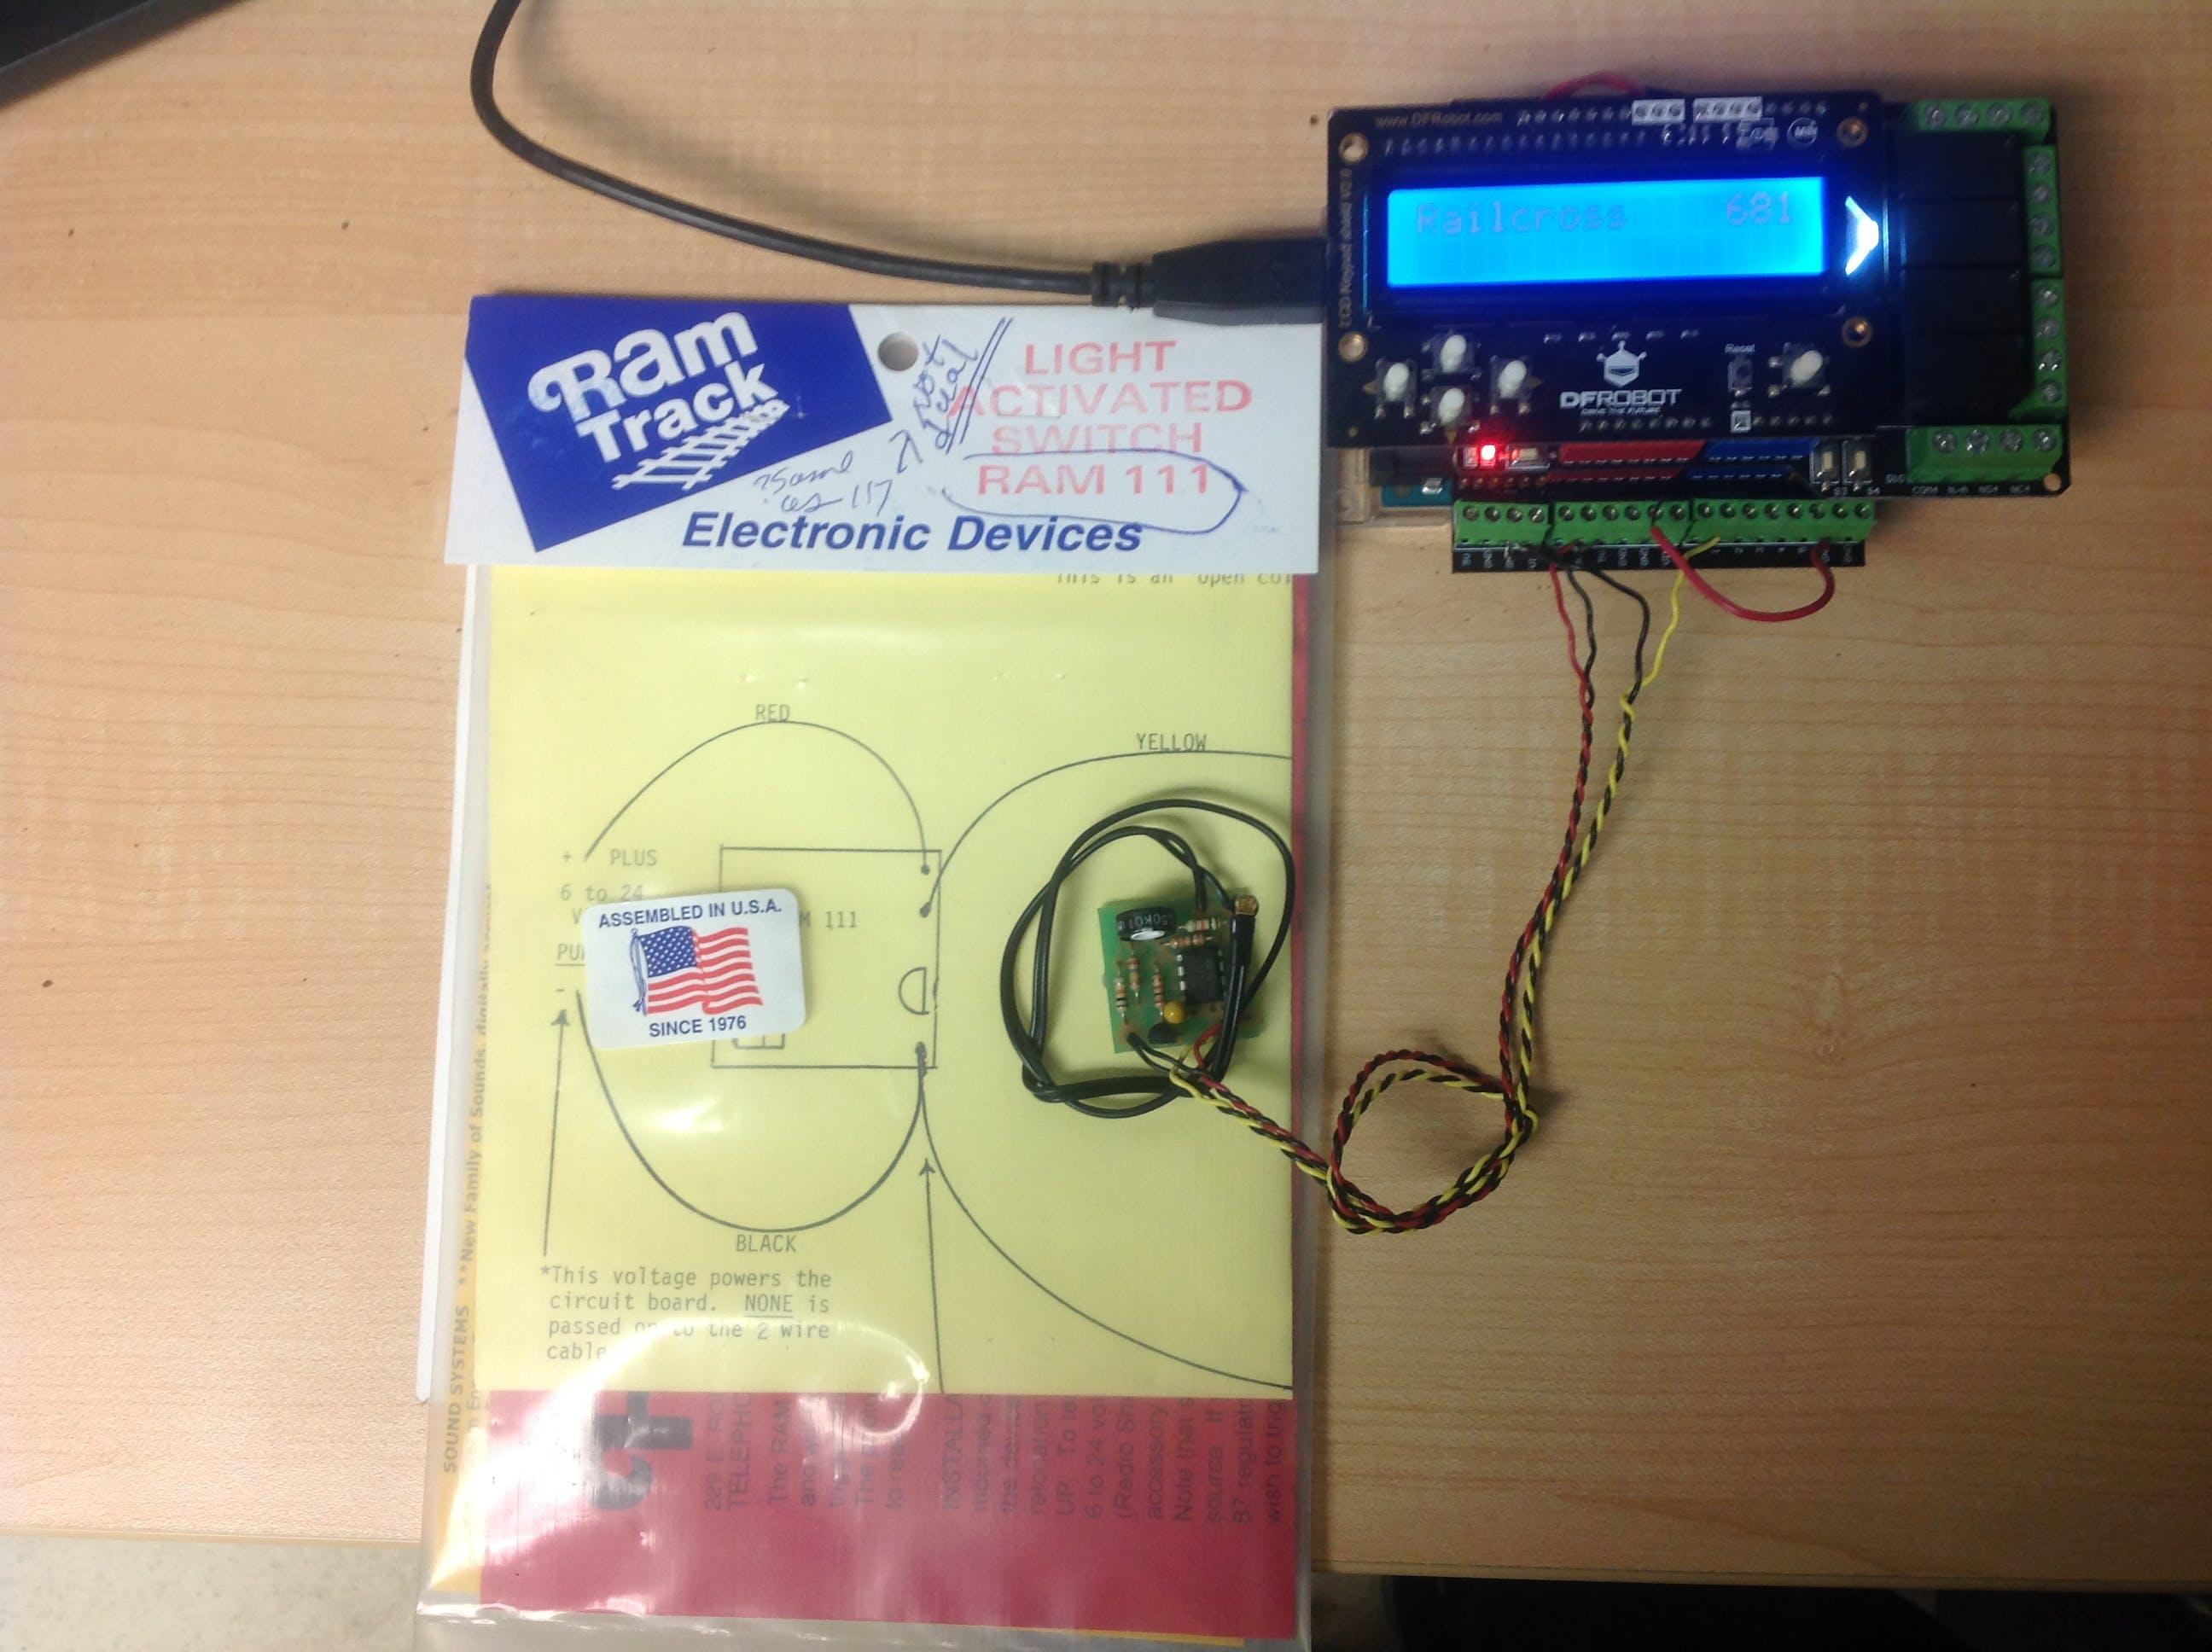 Ram track 111 sensor